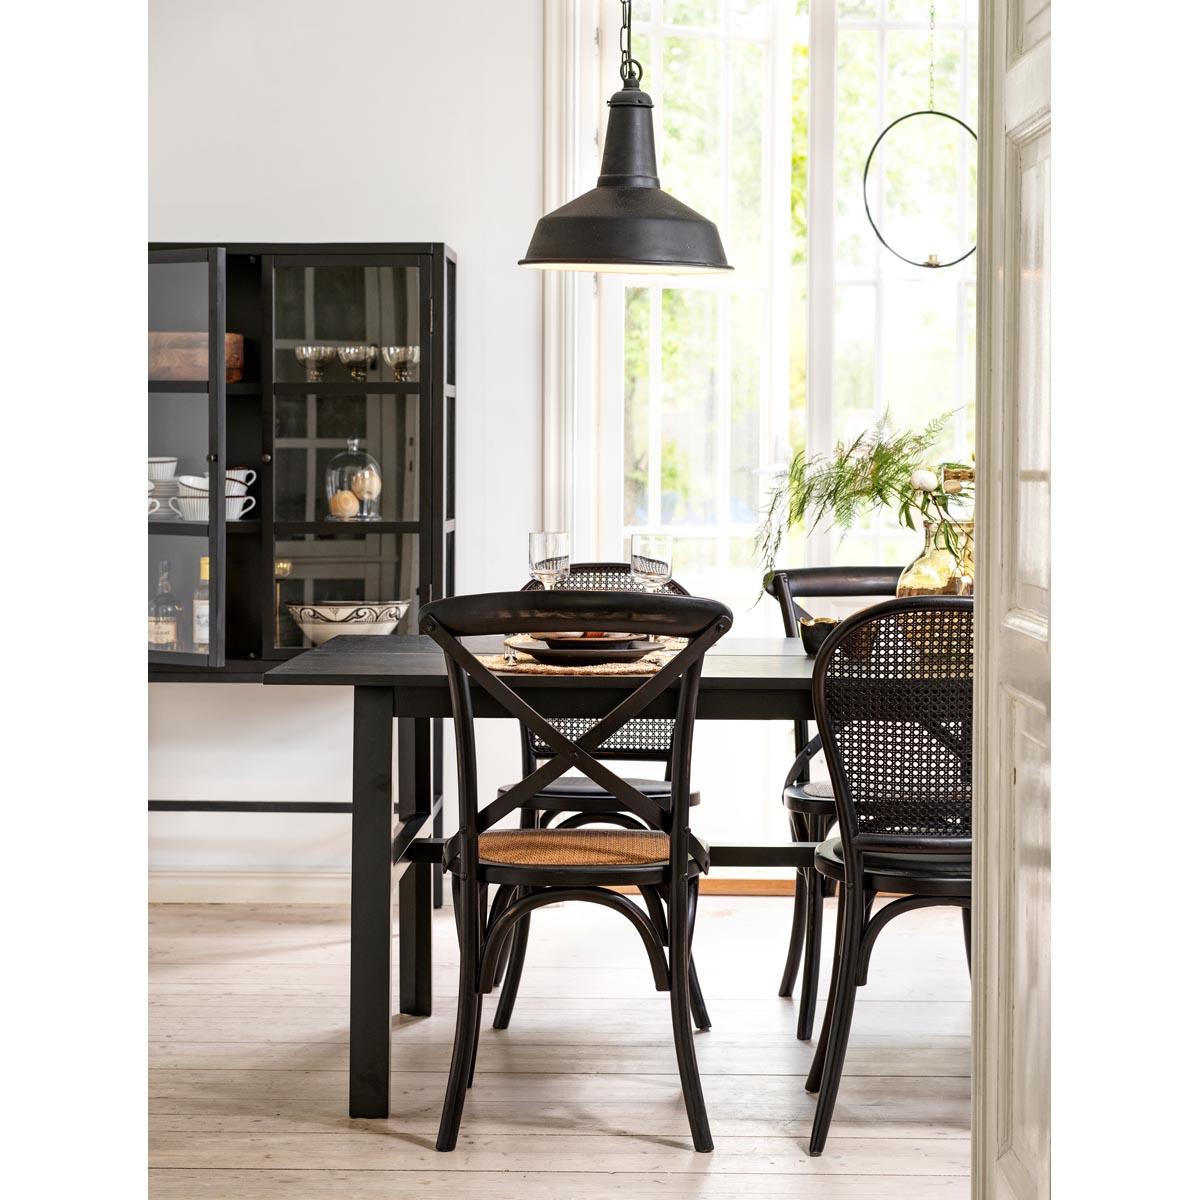 Hudson-matbord-svart-100286_miljo-blandade-stolar-Marshall-vitrin